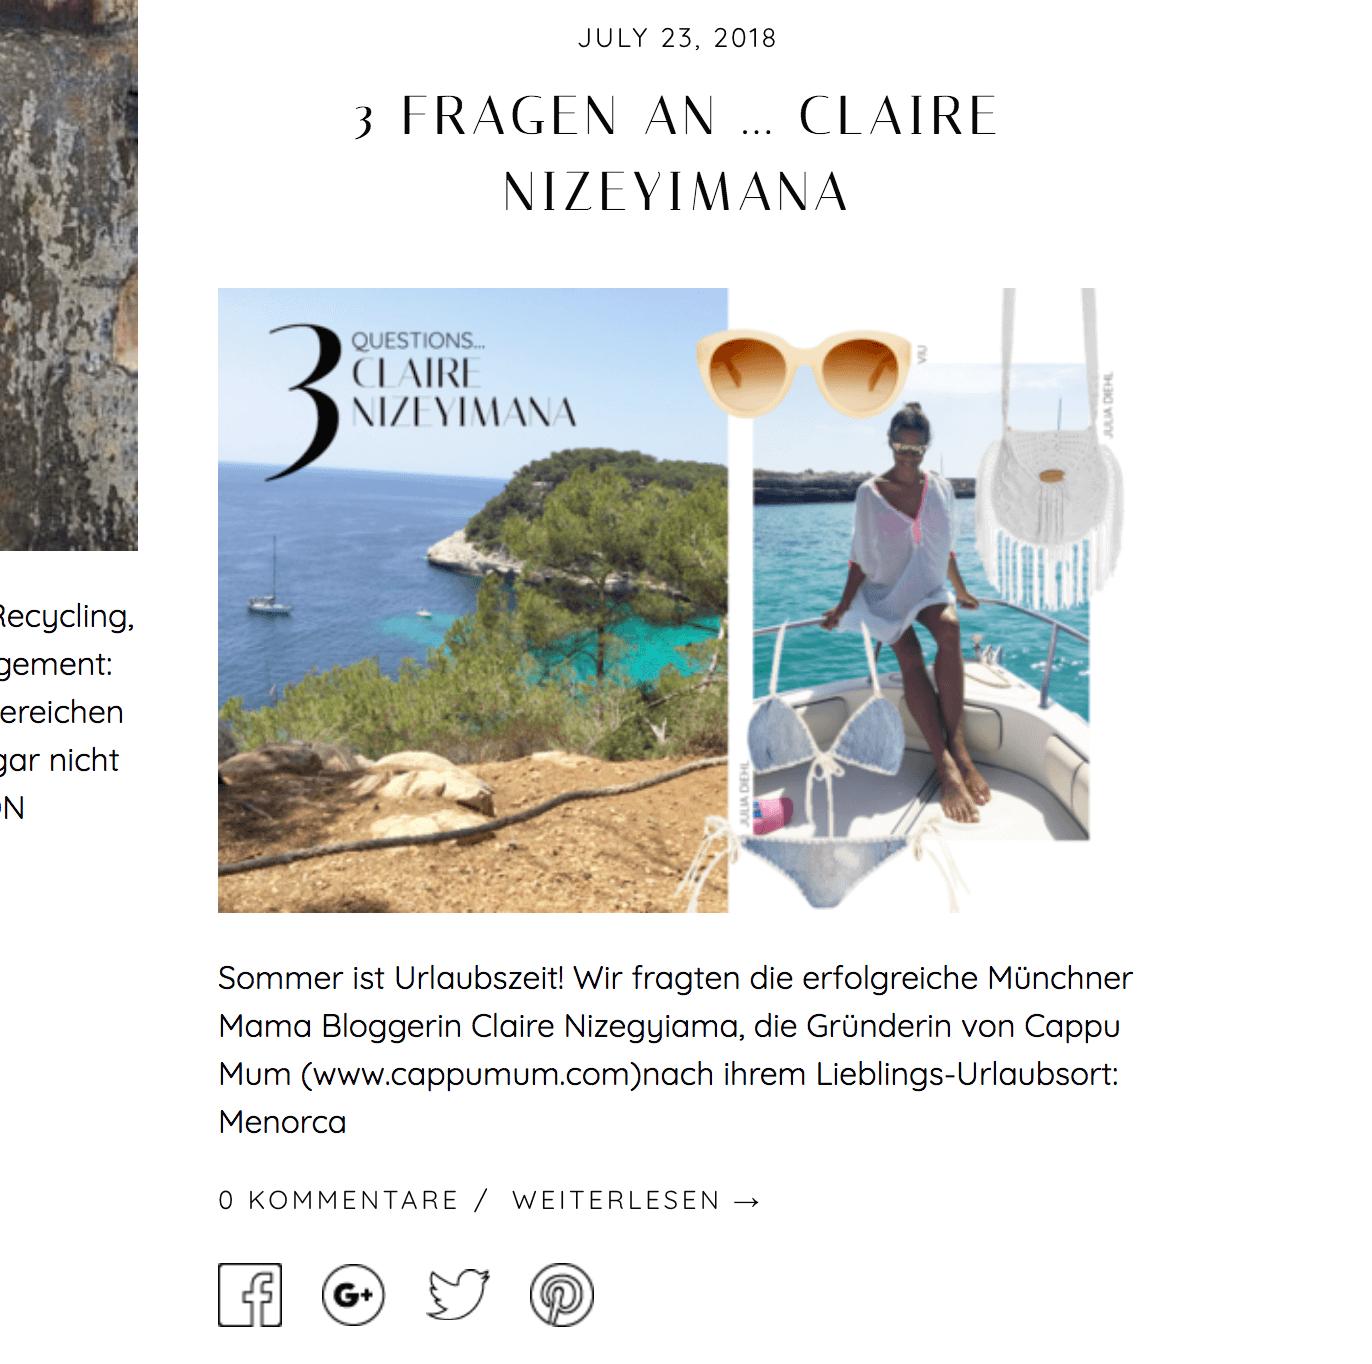 Claire Nizeyimana im Interview bei the wearness, dem Online Market Place für nachhaltige Mode und Accessoires